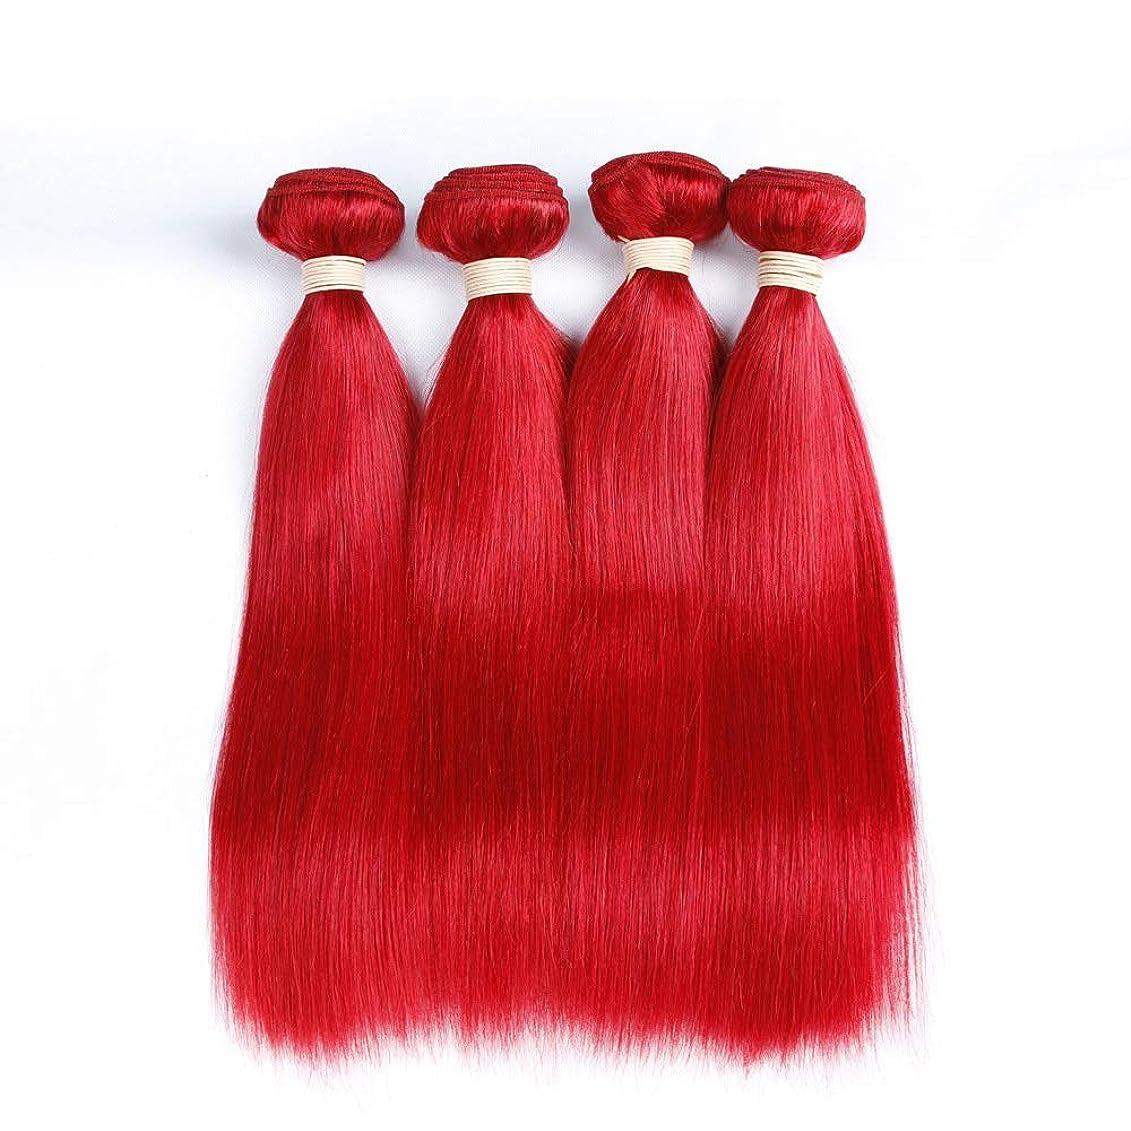 通行人ダイジェスト鉛筆HOHYLLYA 赤毛ブラジルストレートヘア100%未処理のヘアバンドル1バンドル人間の髪の毛の織り方(10